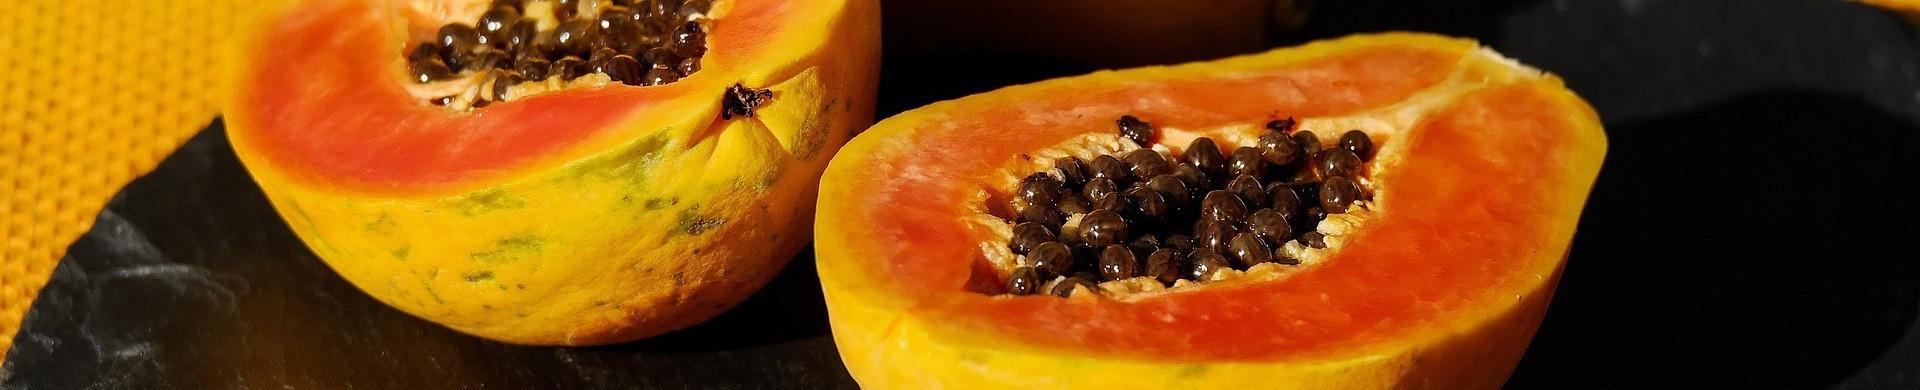 Frutales Tropicales y Subtropicales - Frutos tropicales